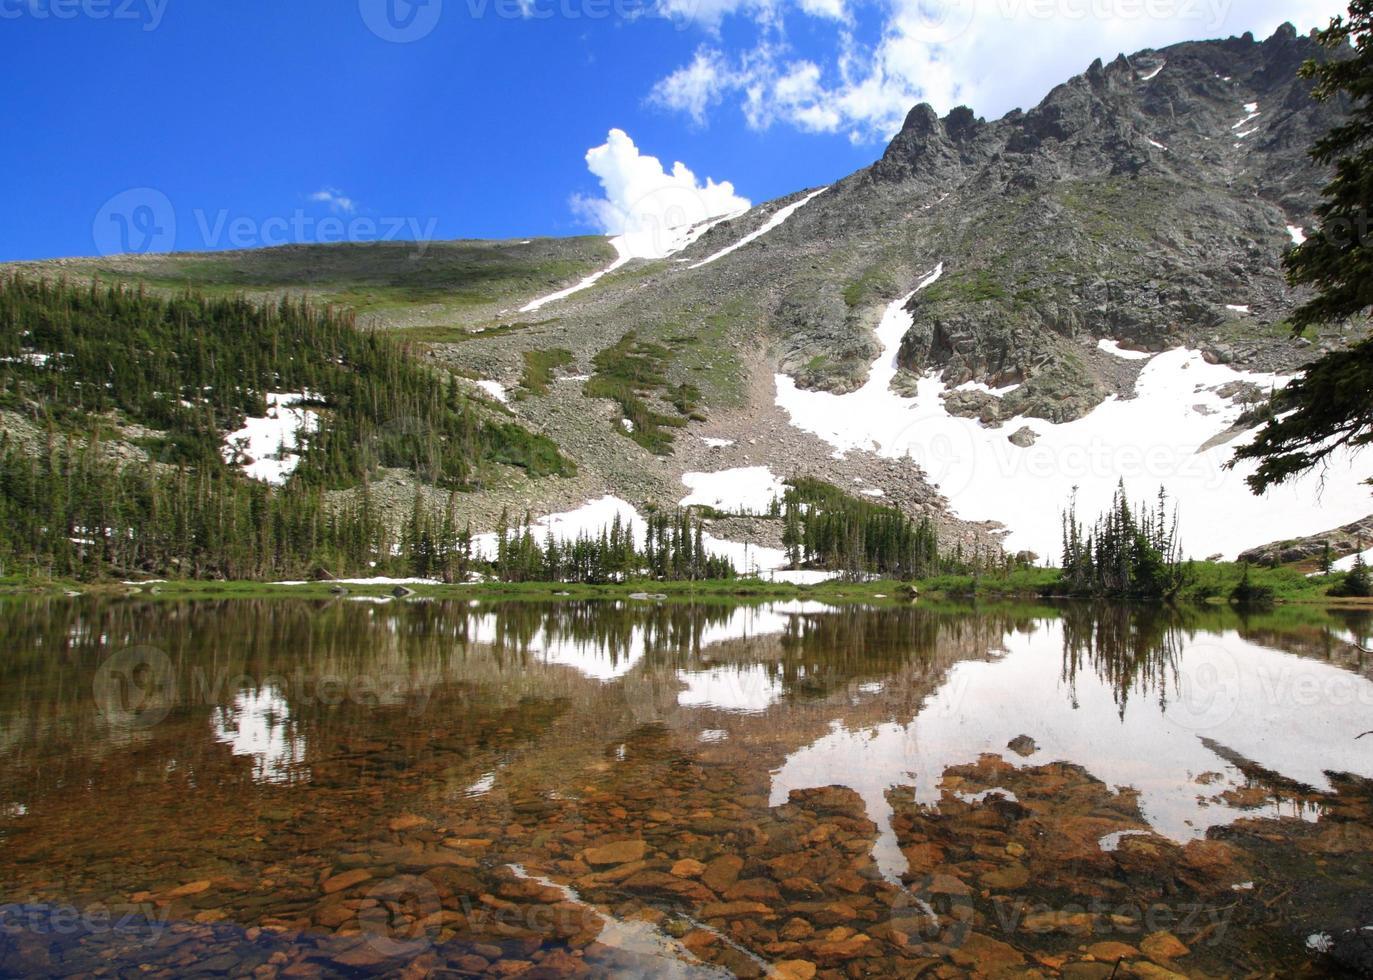 tranquillo lago di montagna foto